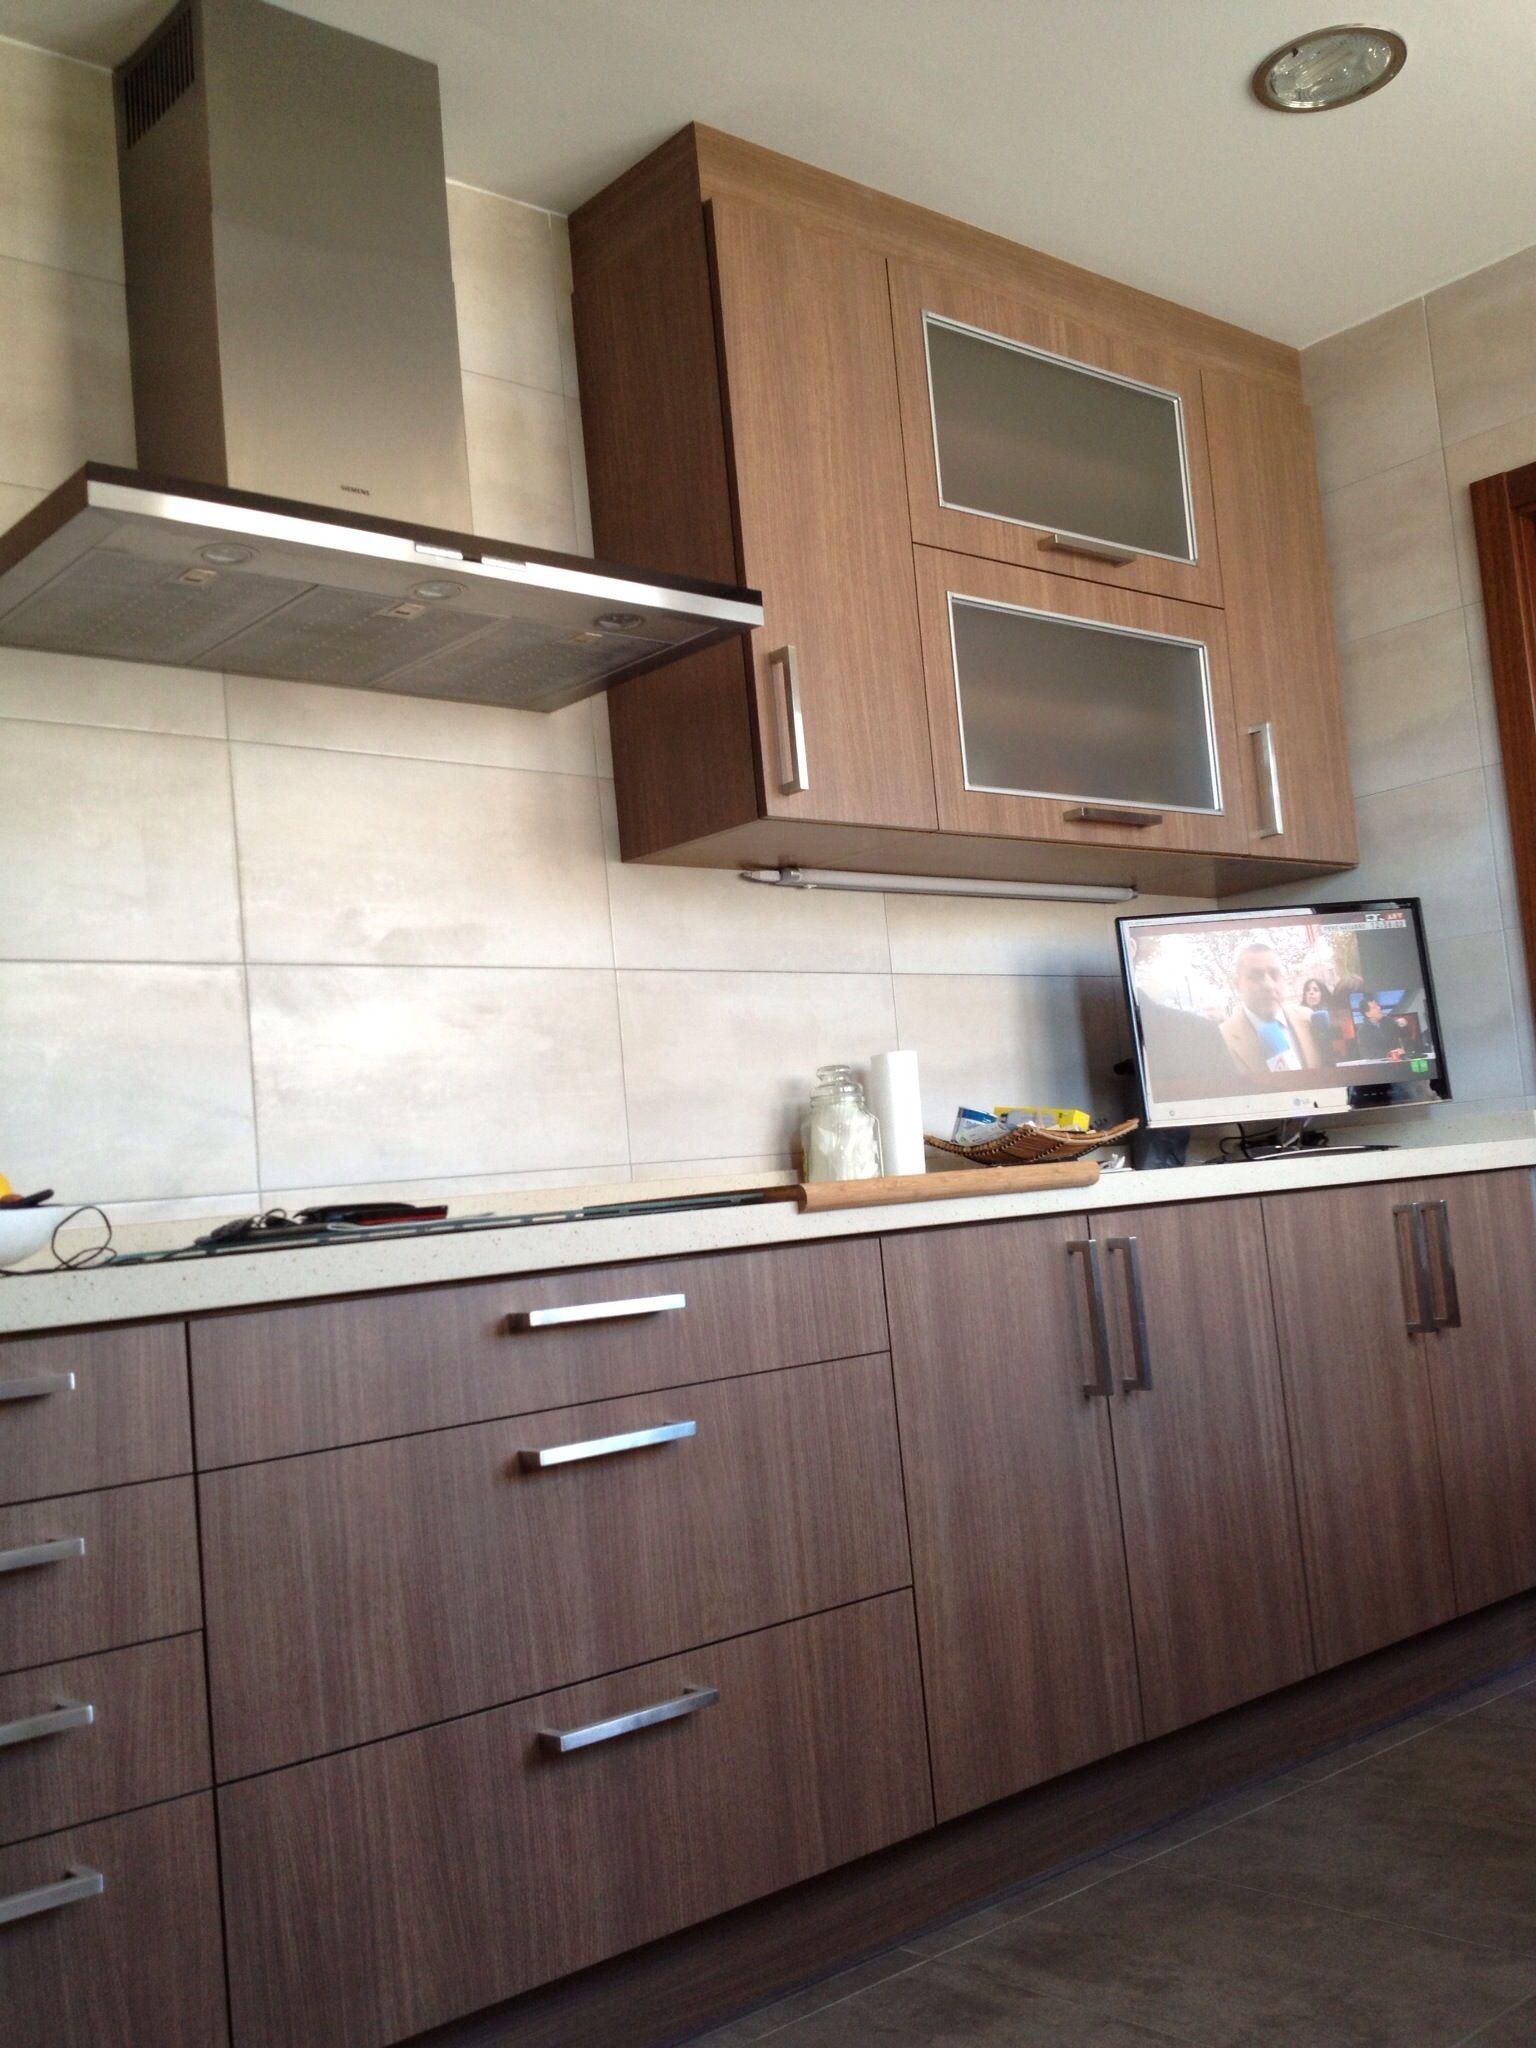 Este es el resultado de la reforma de cocina realizada con muebles ...